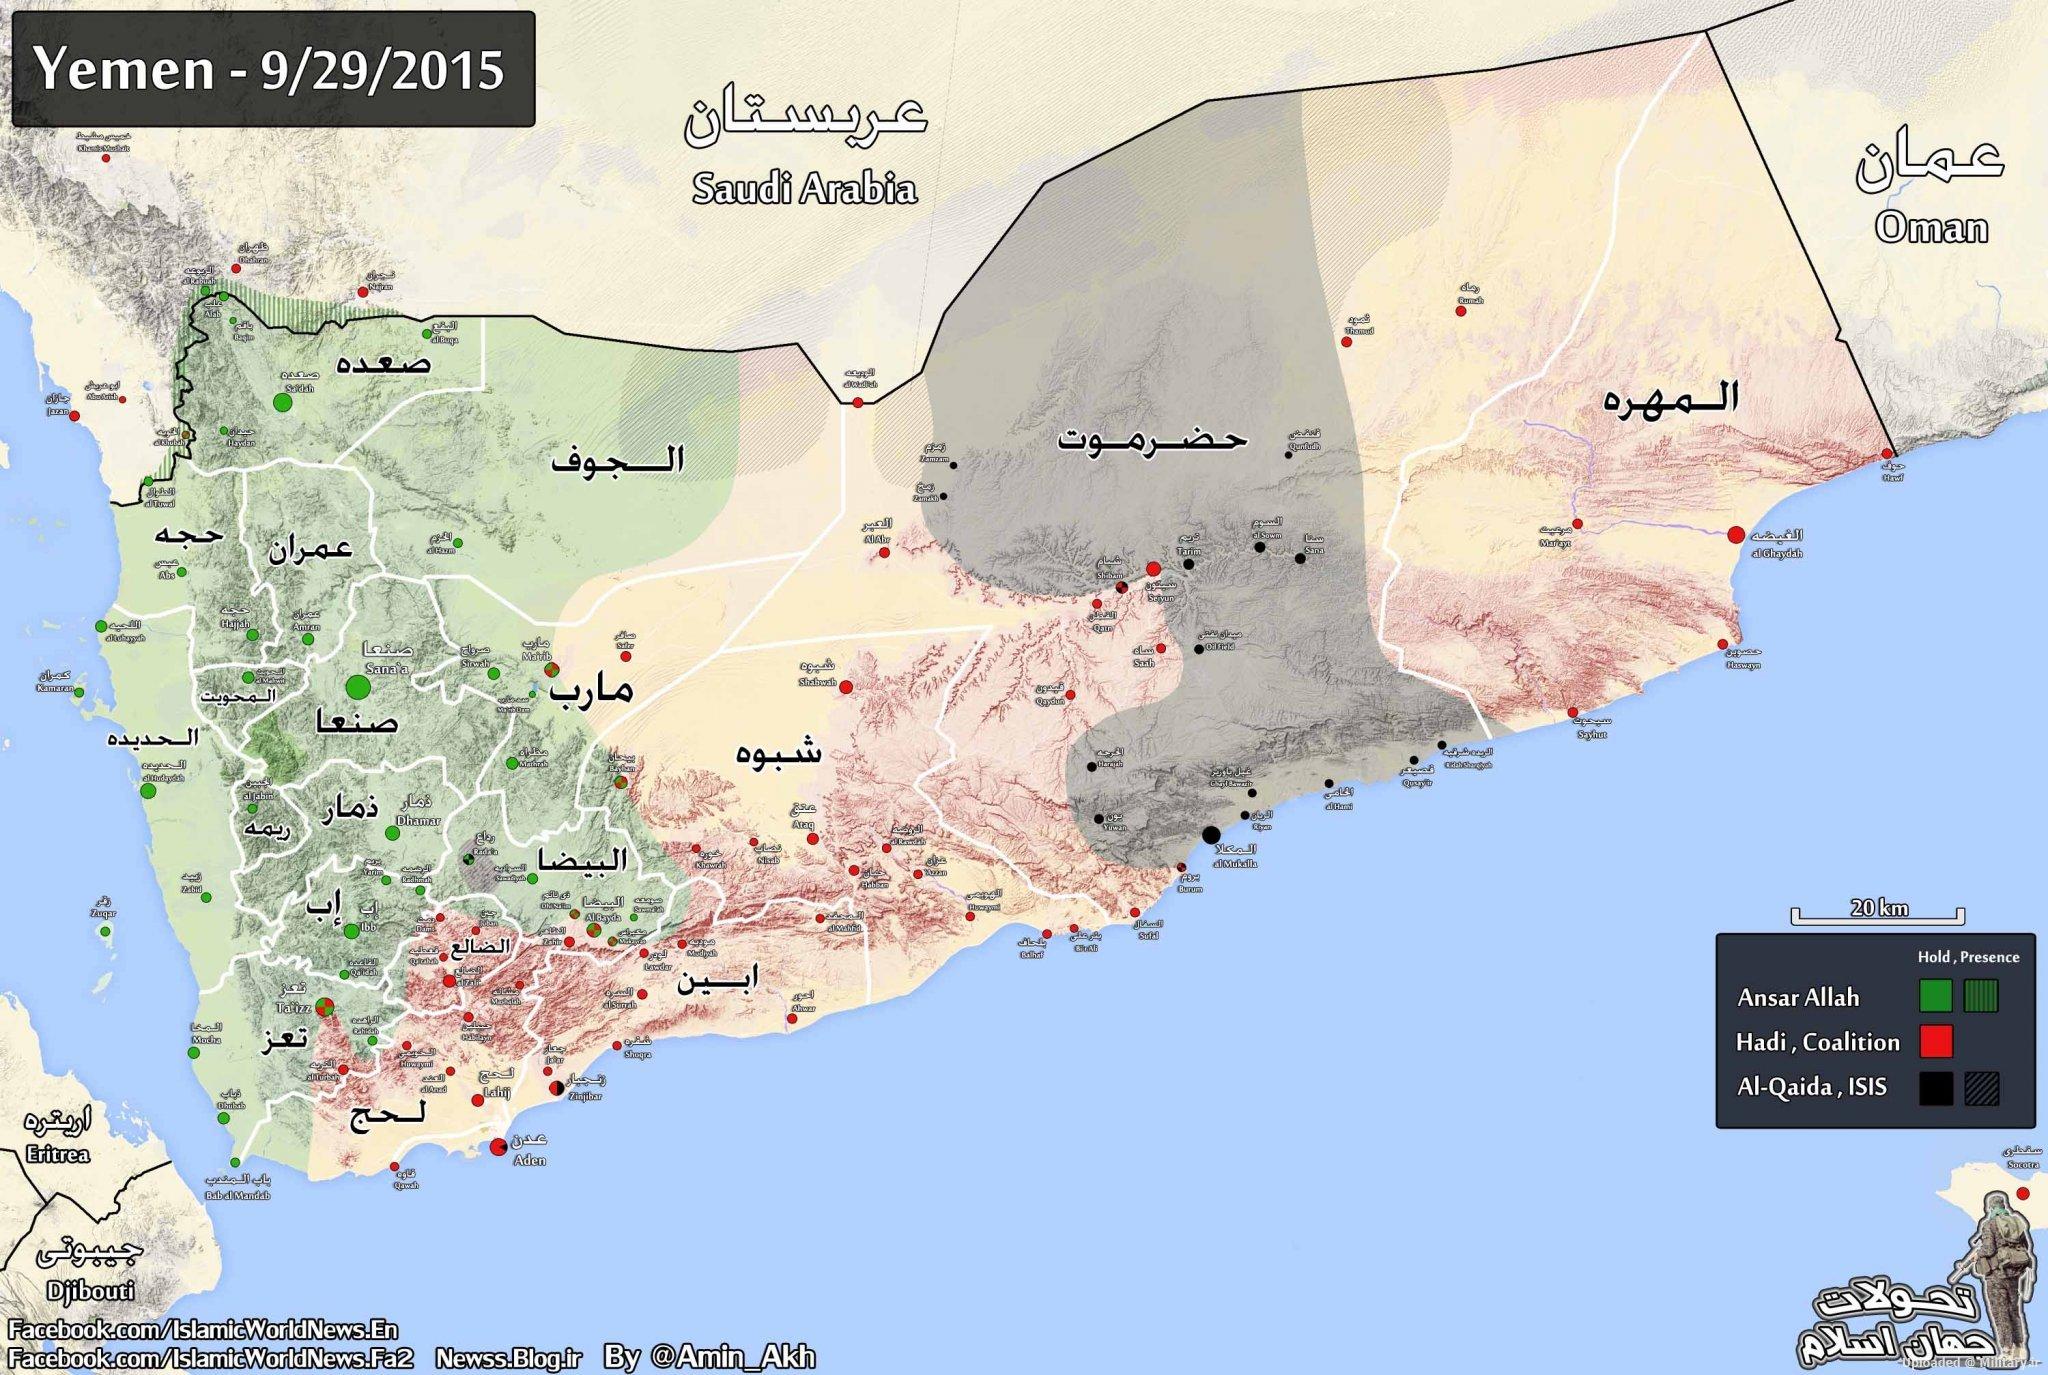 Yemen_2C_Terrain_29_september_7_mehr_low